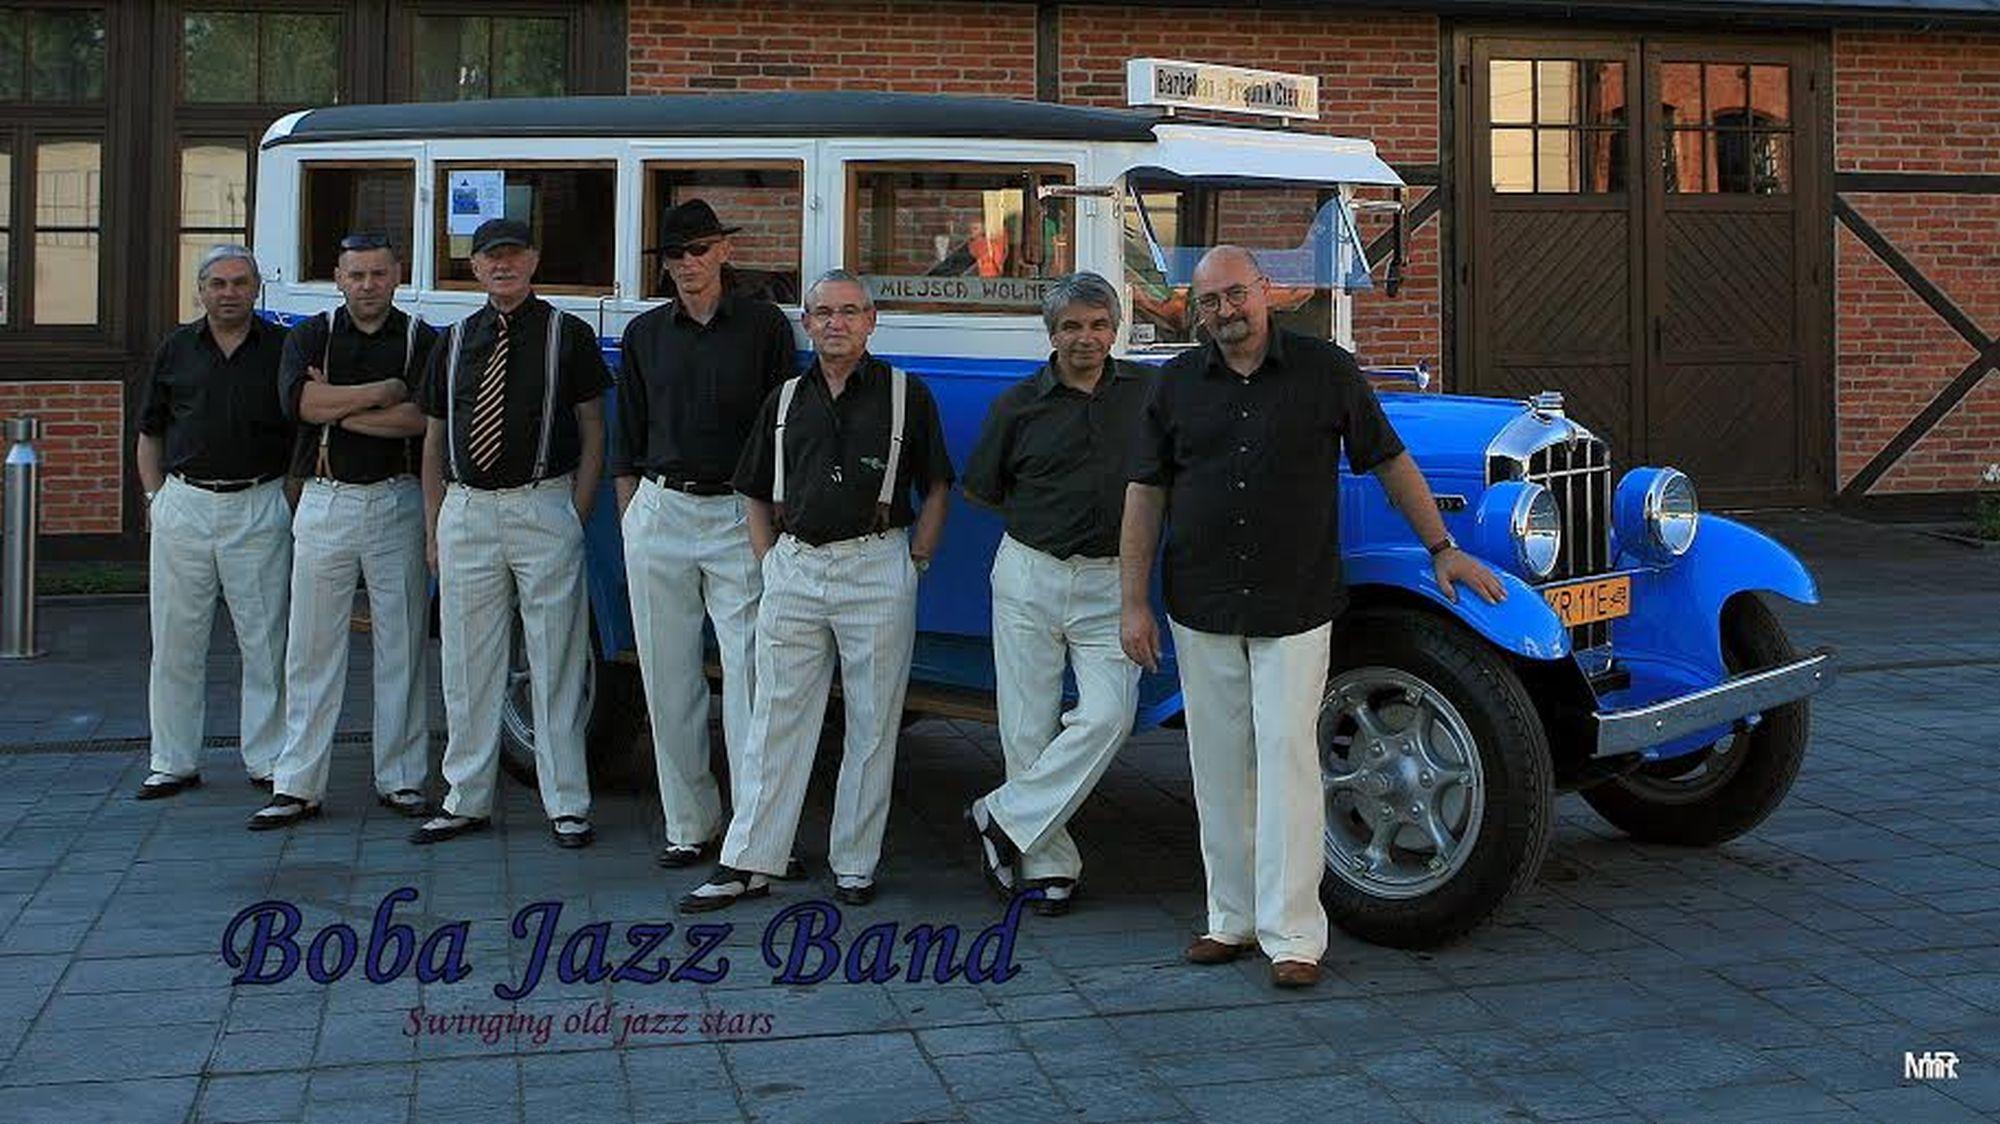 Boba Jazz Band (źródło: materiały prasowe)